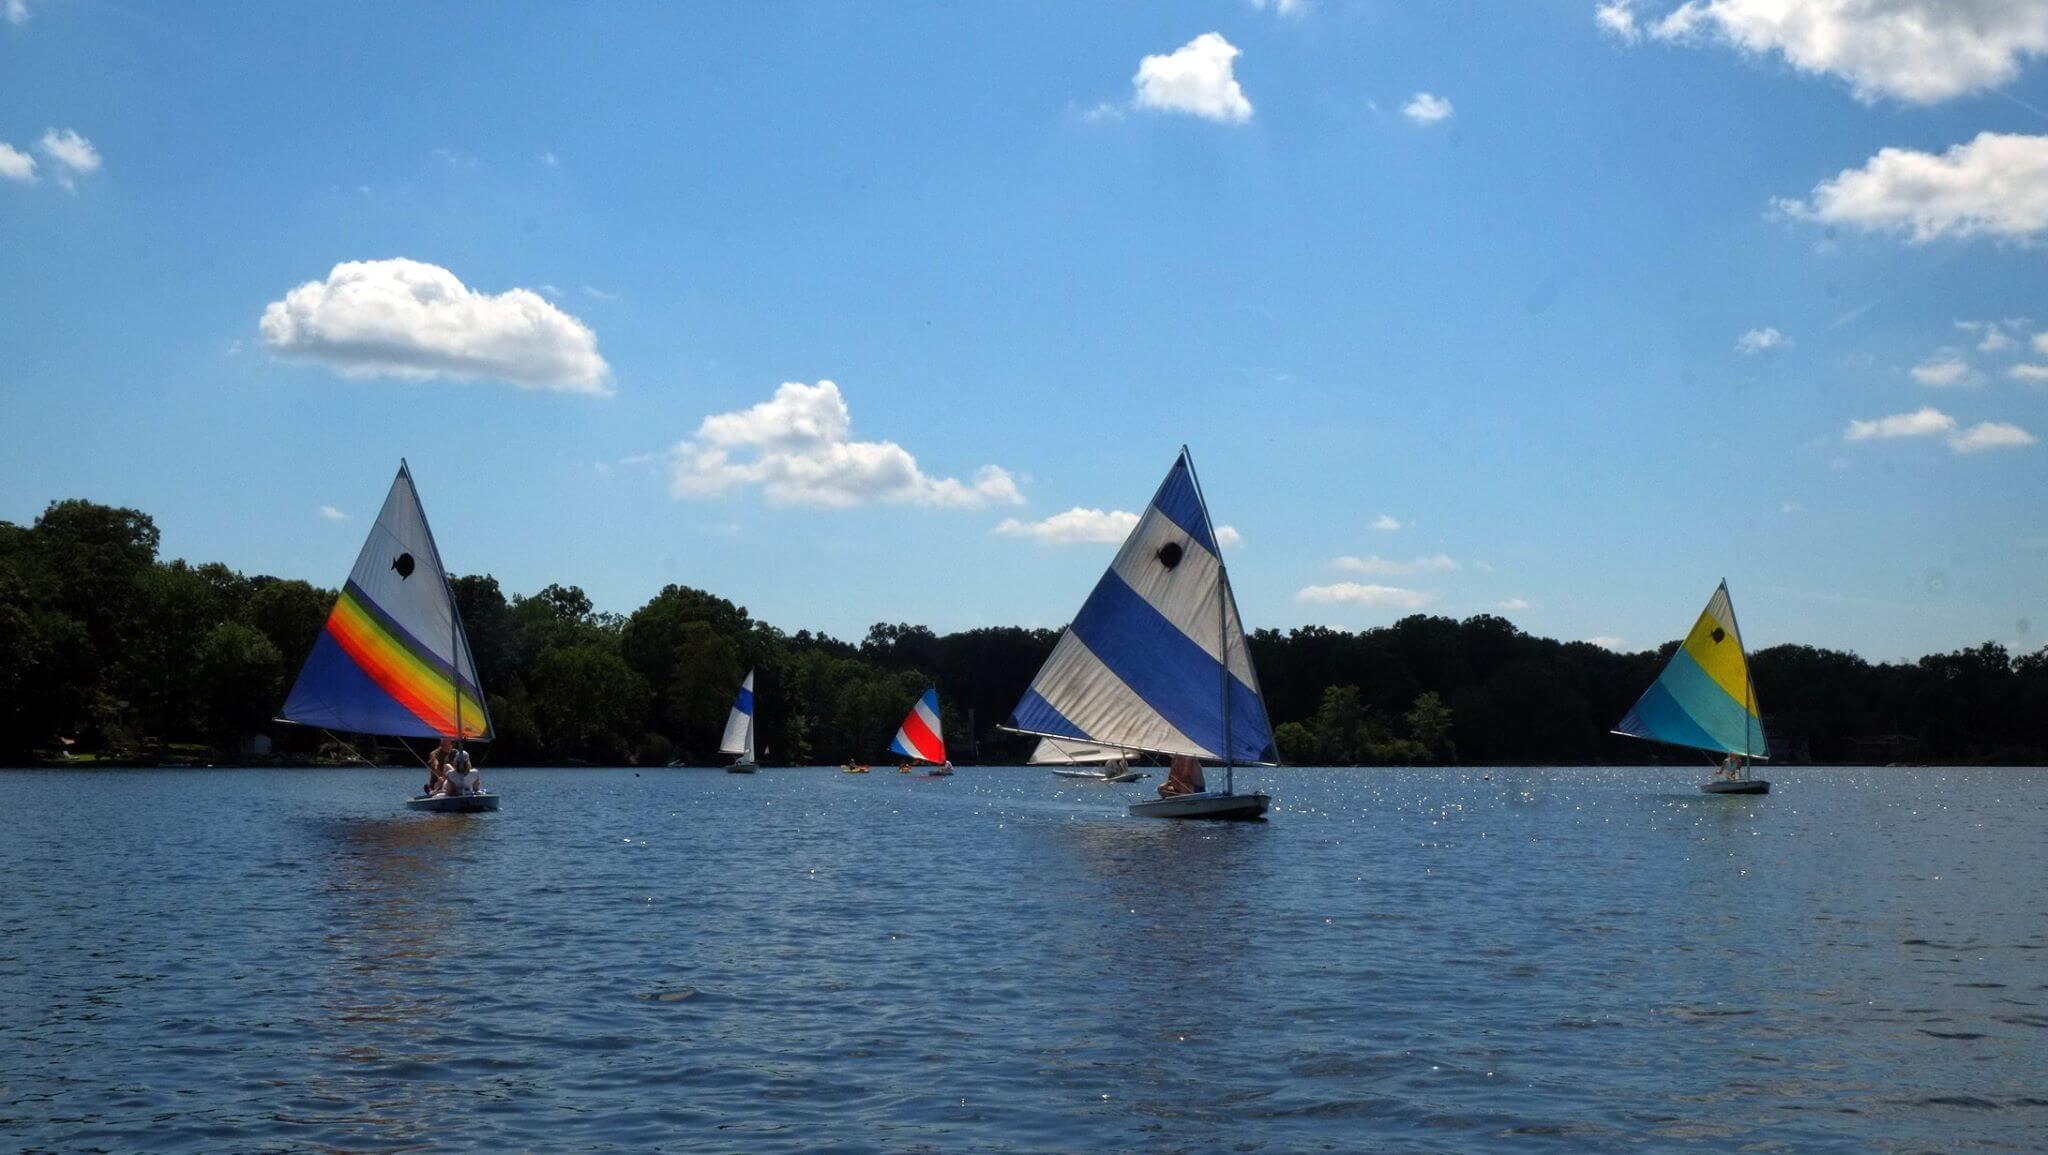 Sailboats near and far on Cedar Lake.